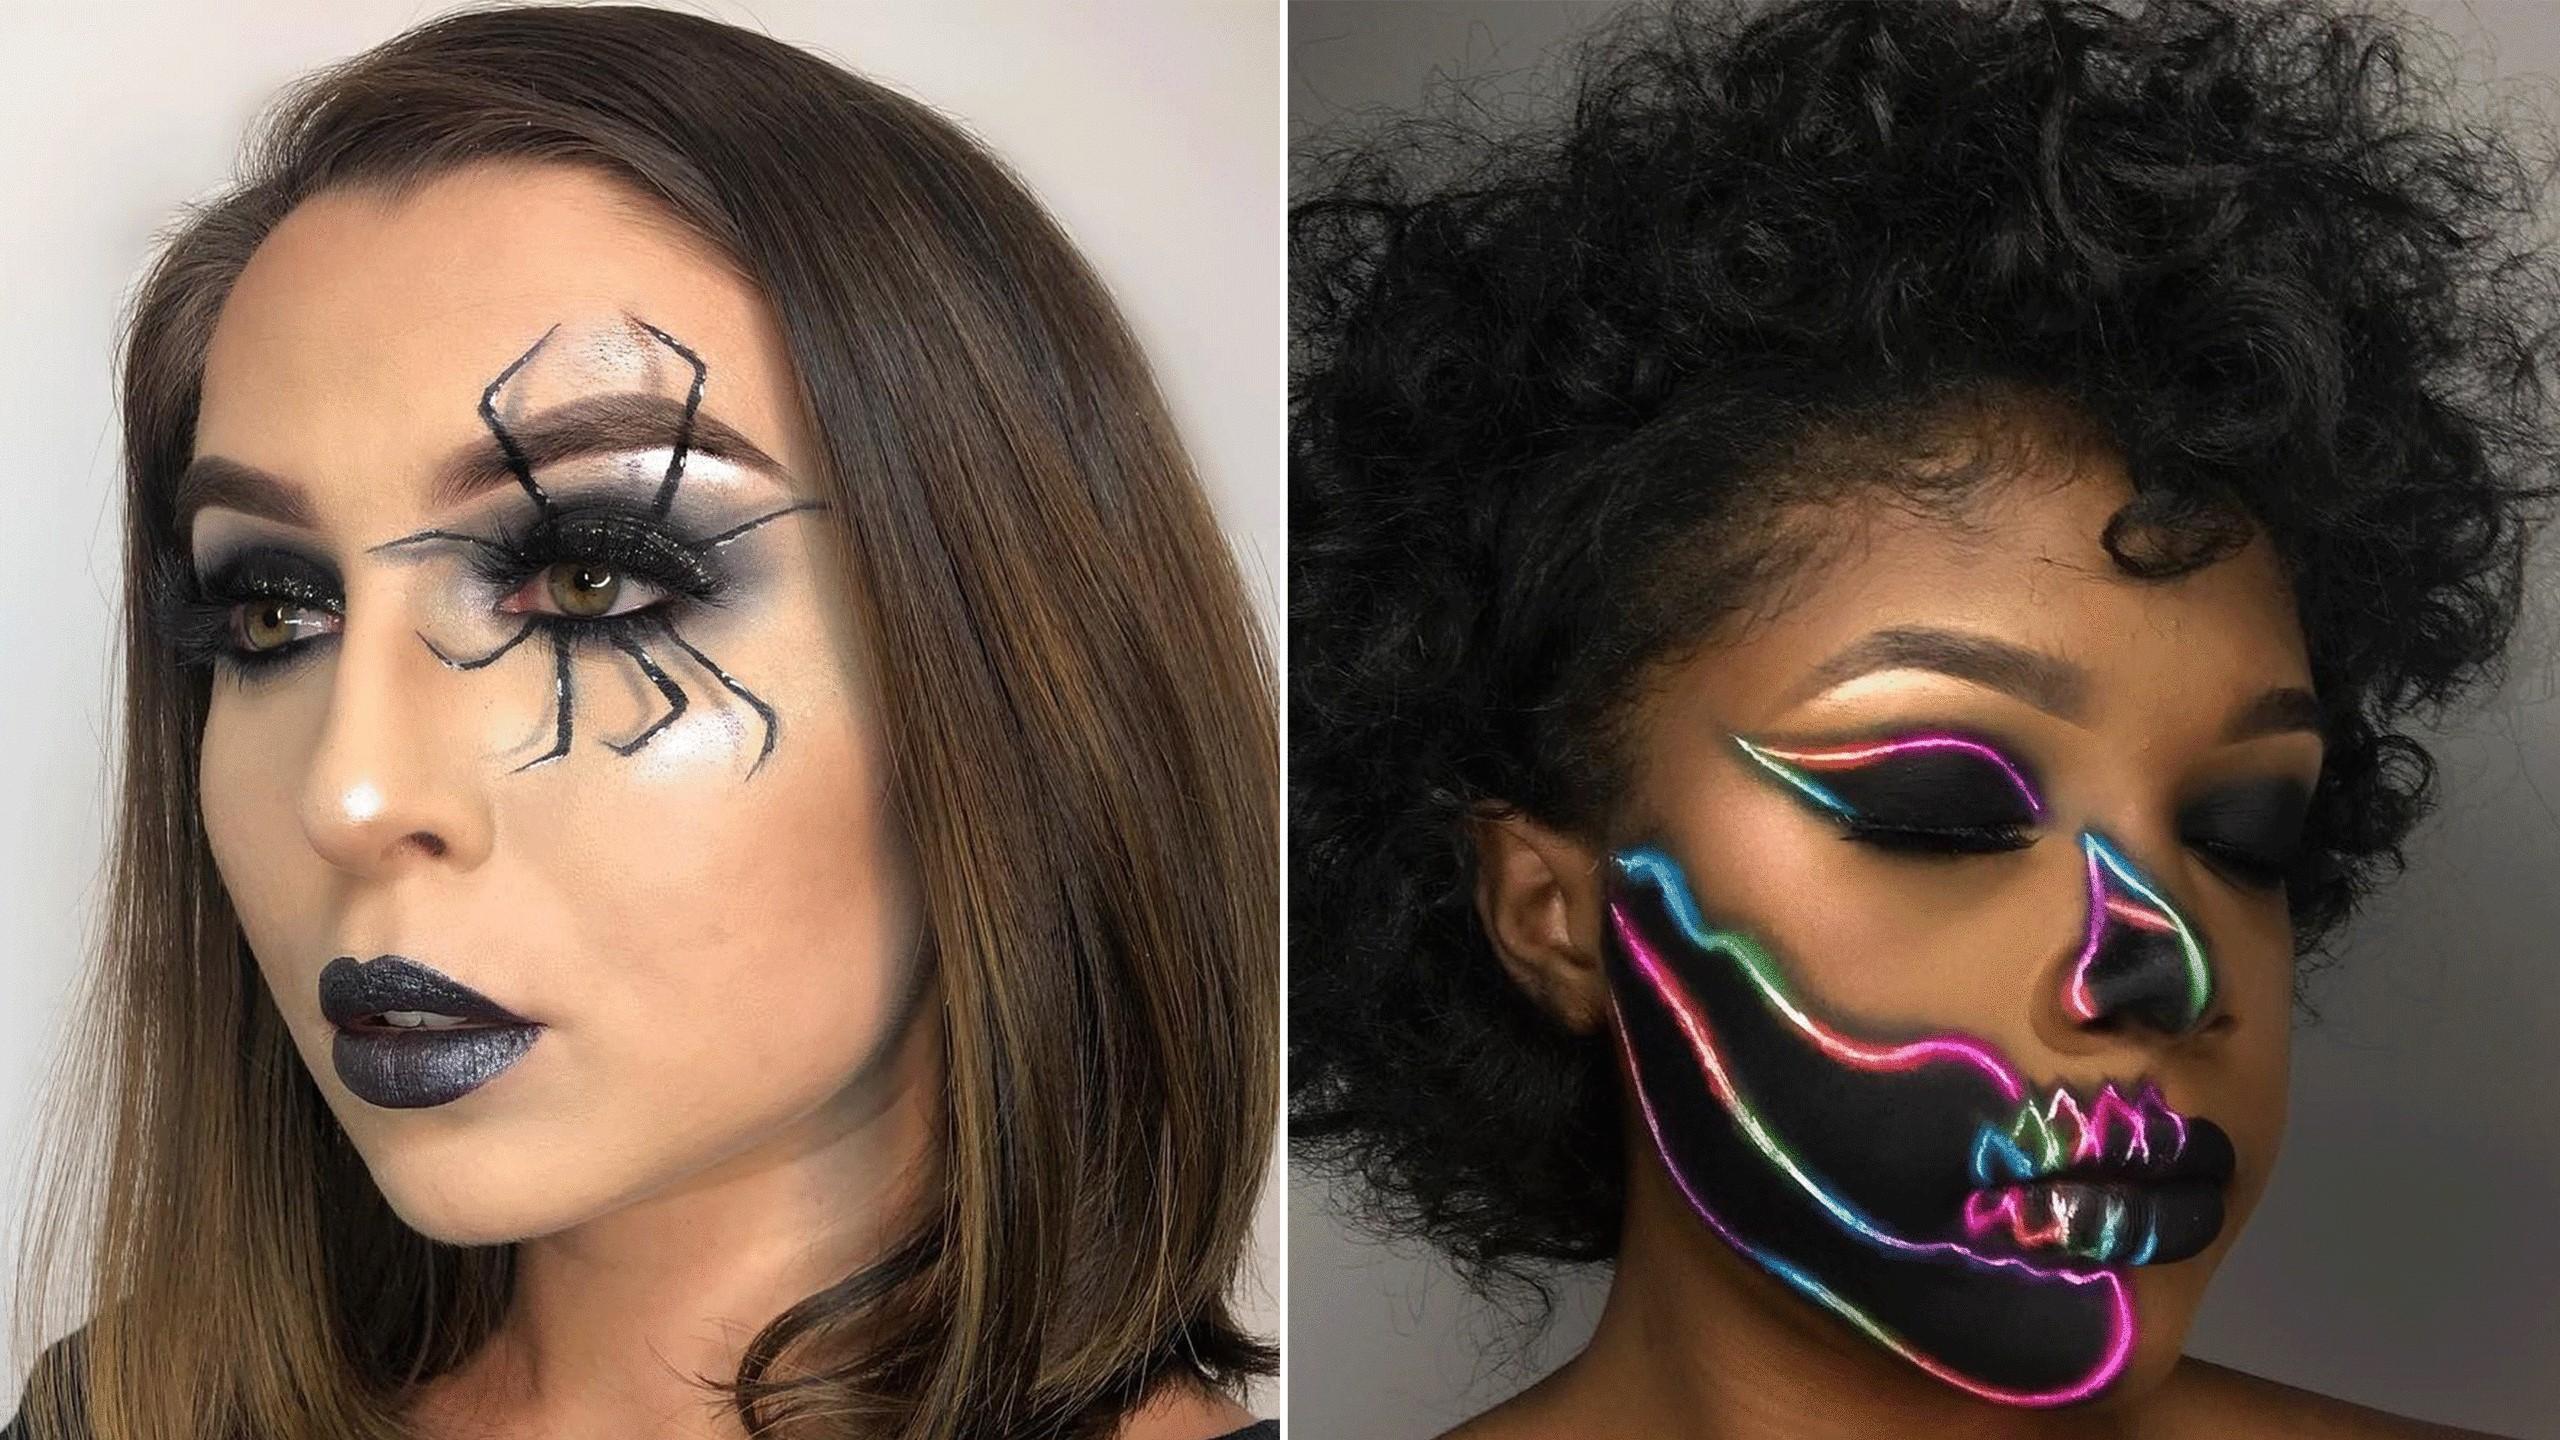 Apprenez les meilleures techniques pour votre maquillage Halloween.